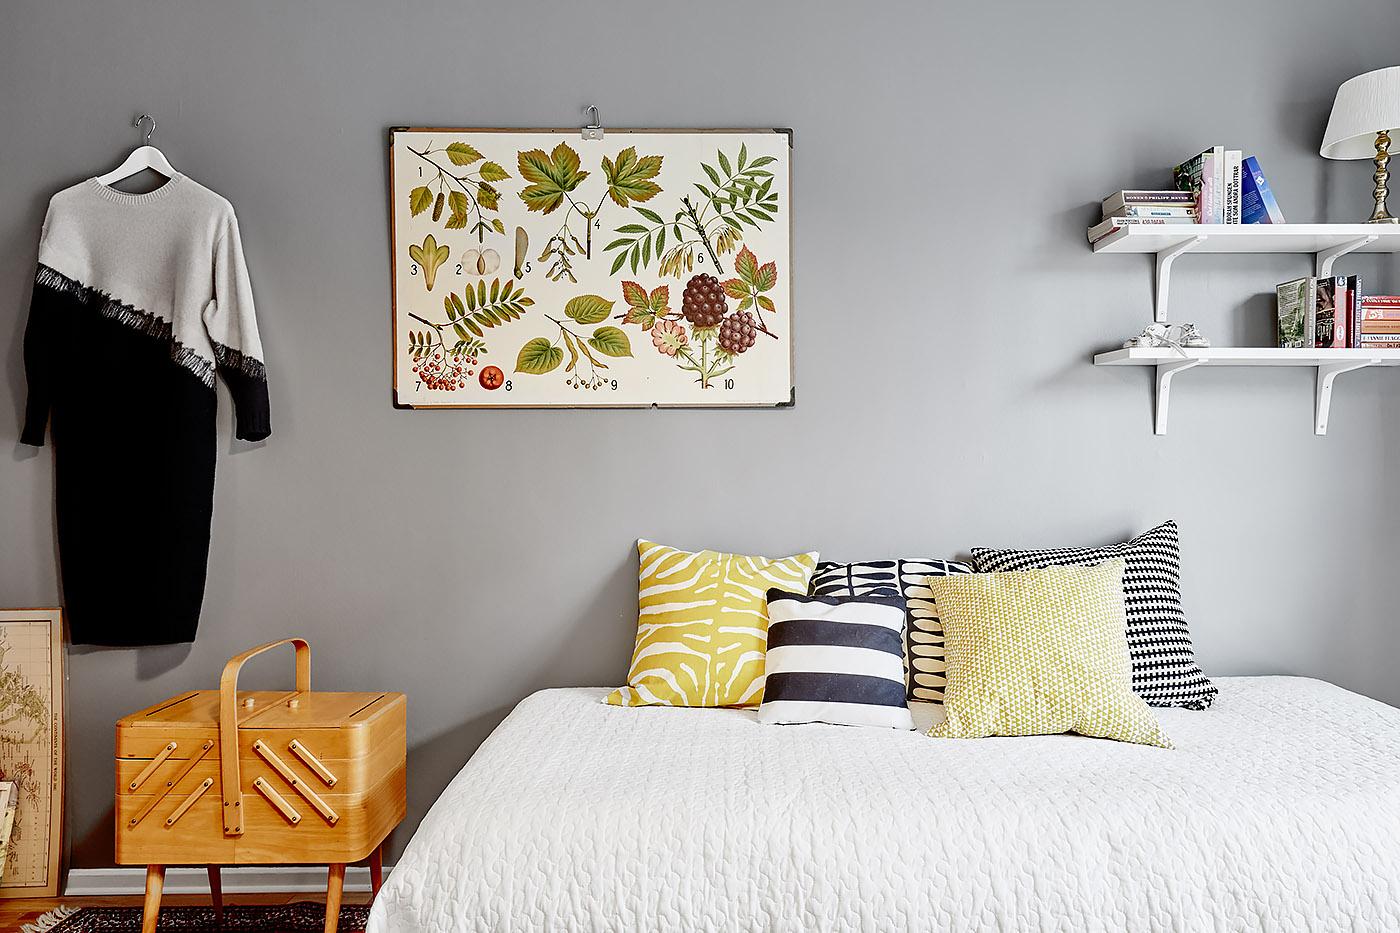 Habitaciones juveniles de estilo n rdico blog tienda - Blog decoracion dormitorios ...